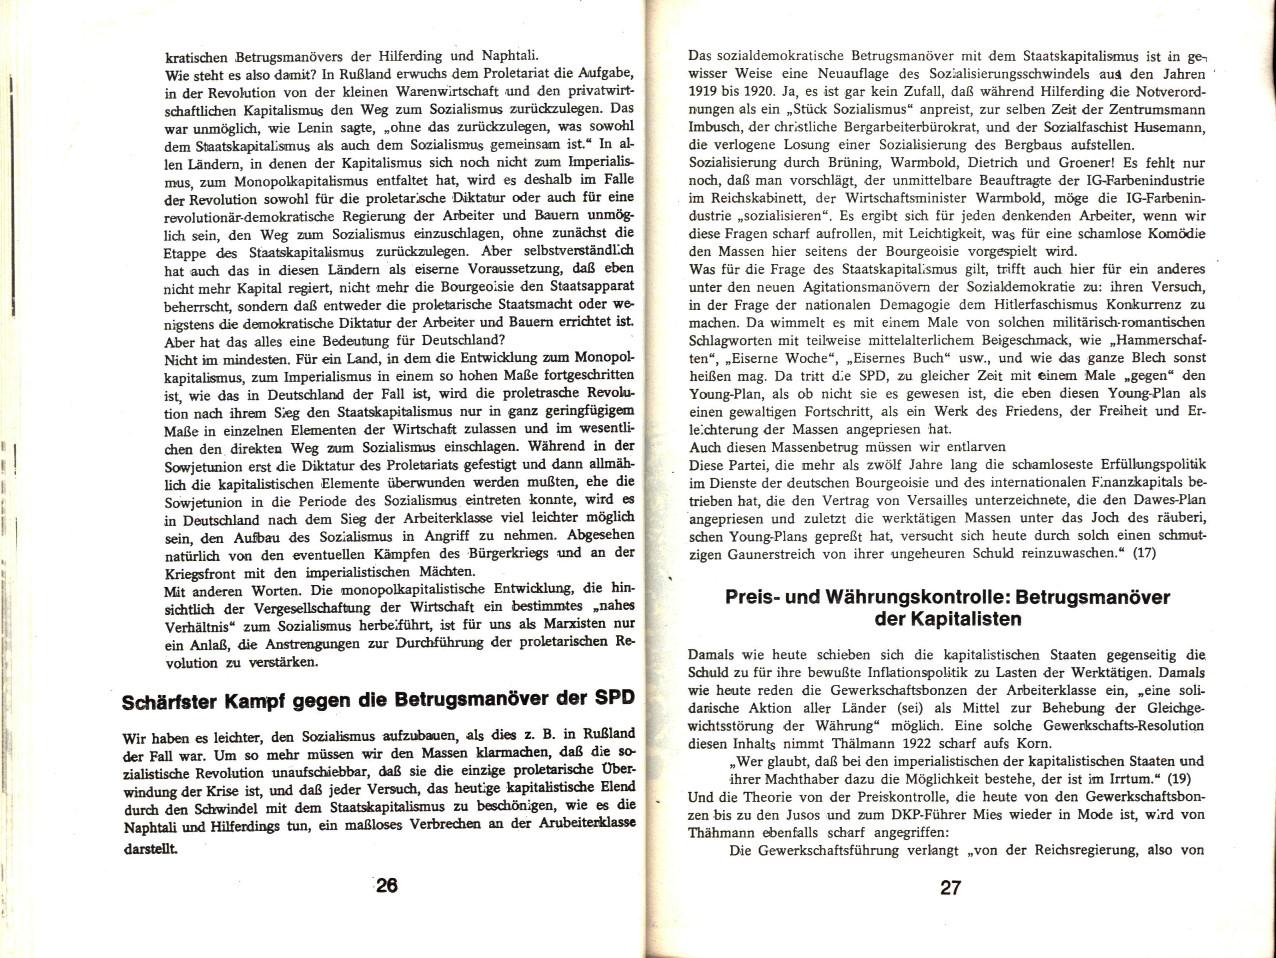 KPDAO_1974_Ernst_Thaelmann_15